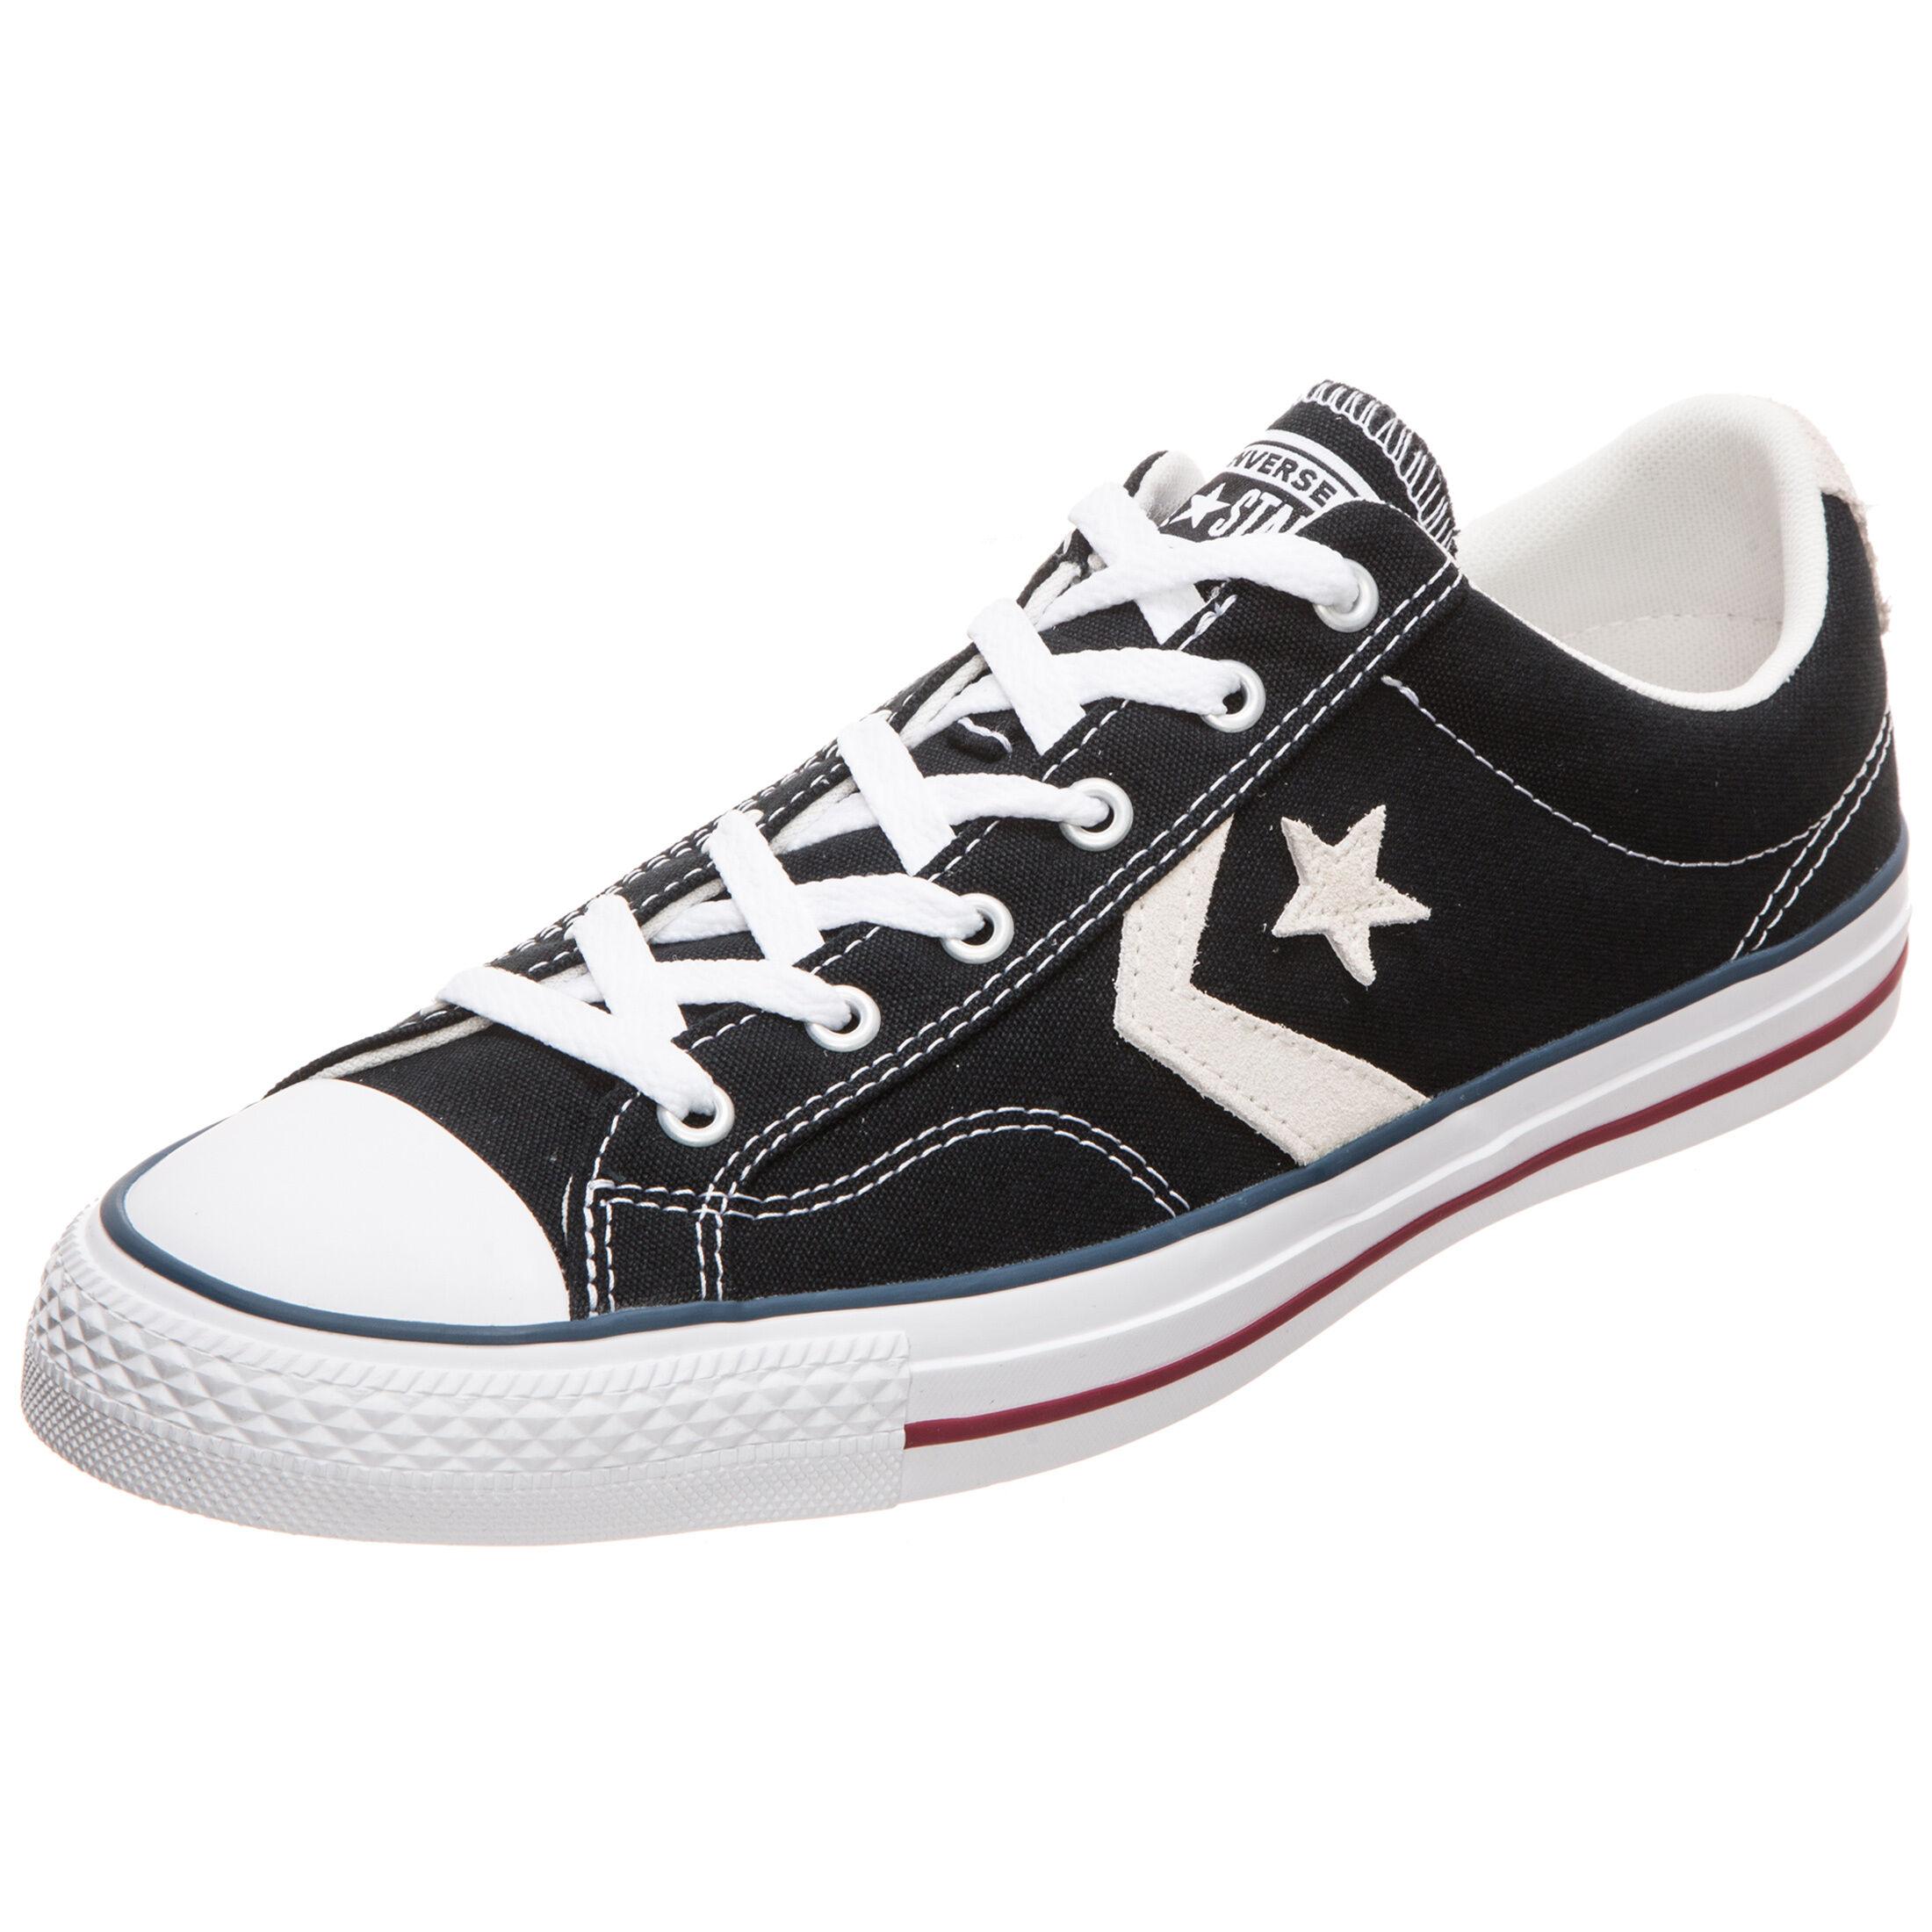 Schuhe Converse | Frauen Lifestyle bei OUTFITTER